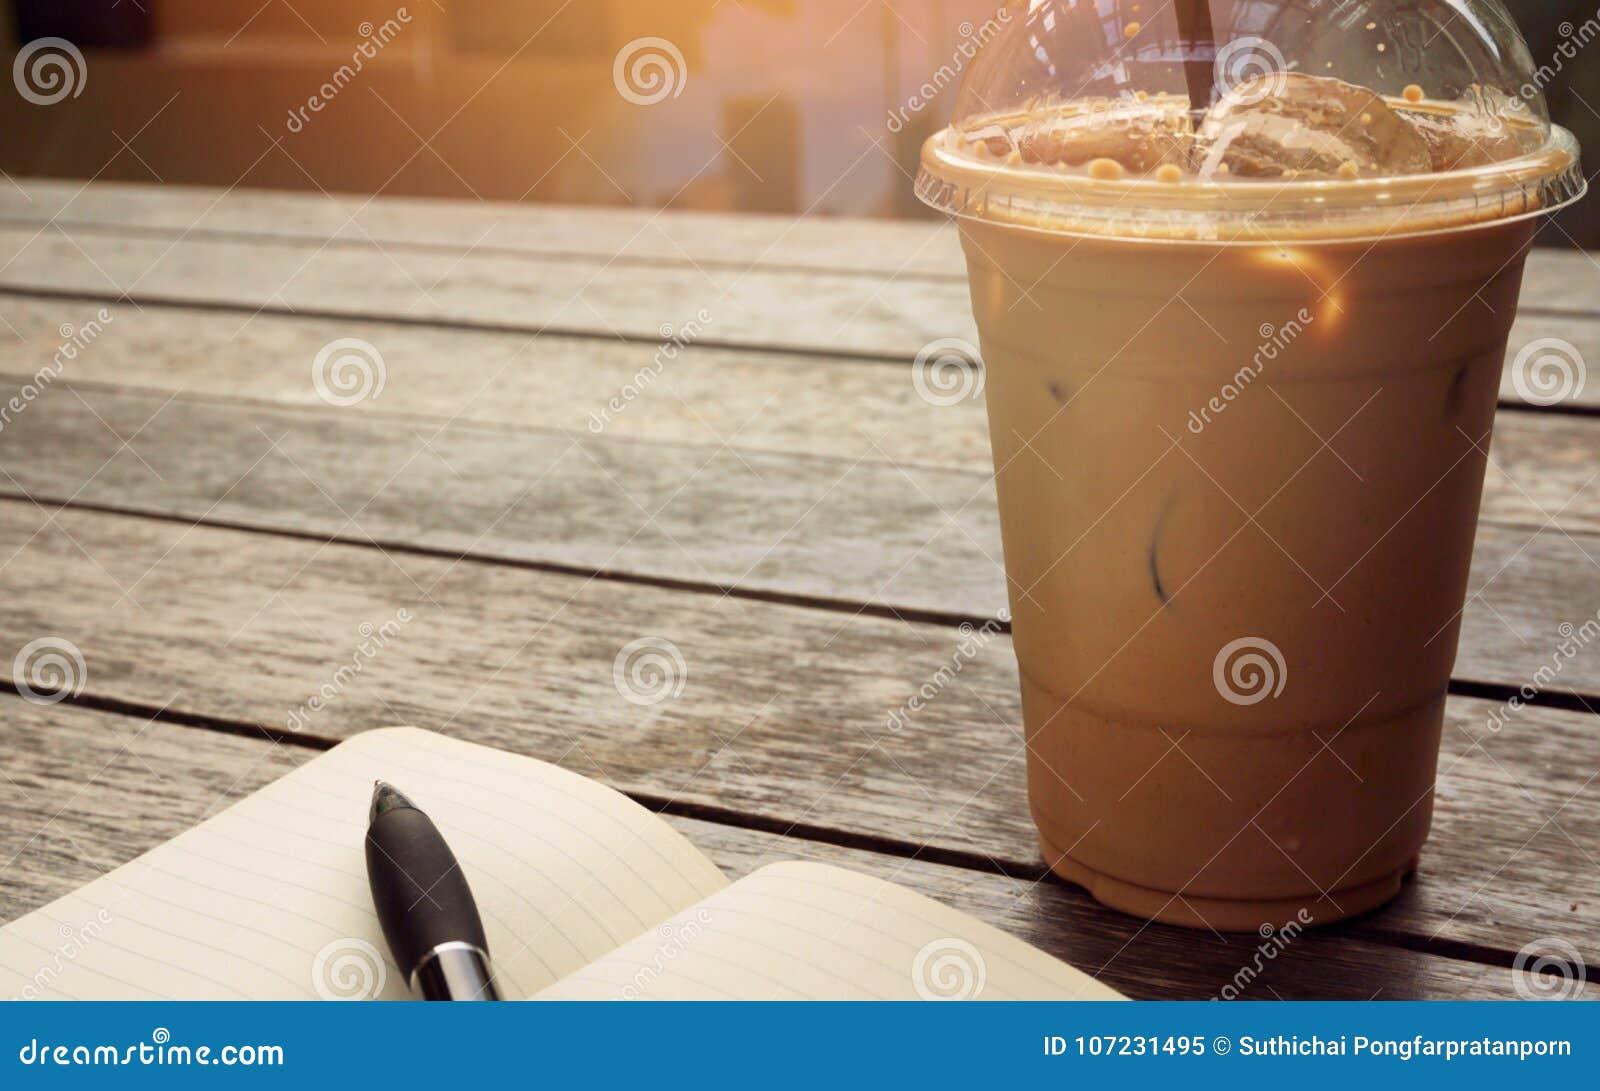 Eiskaffee in der Mitnehmerschale mit Notizbuch und Stift auf der Seite BO